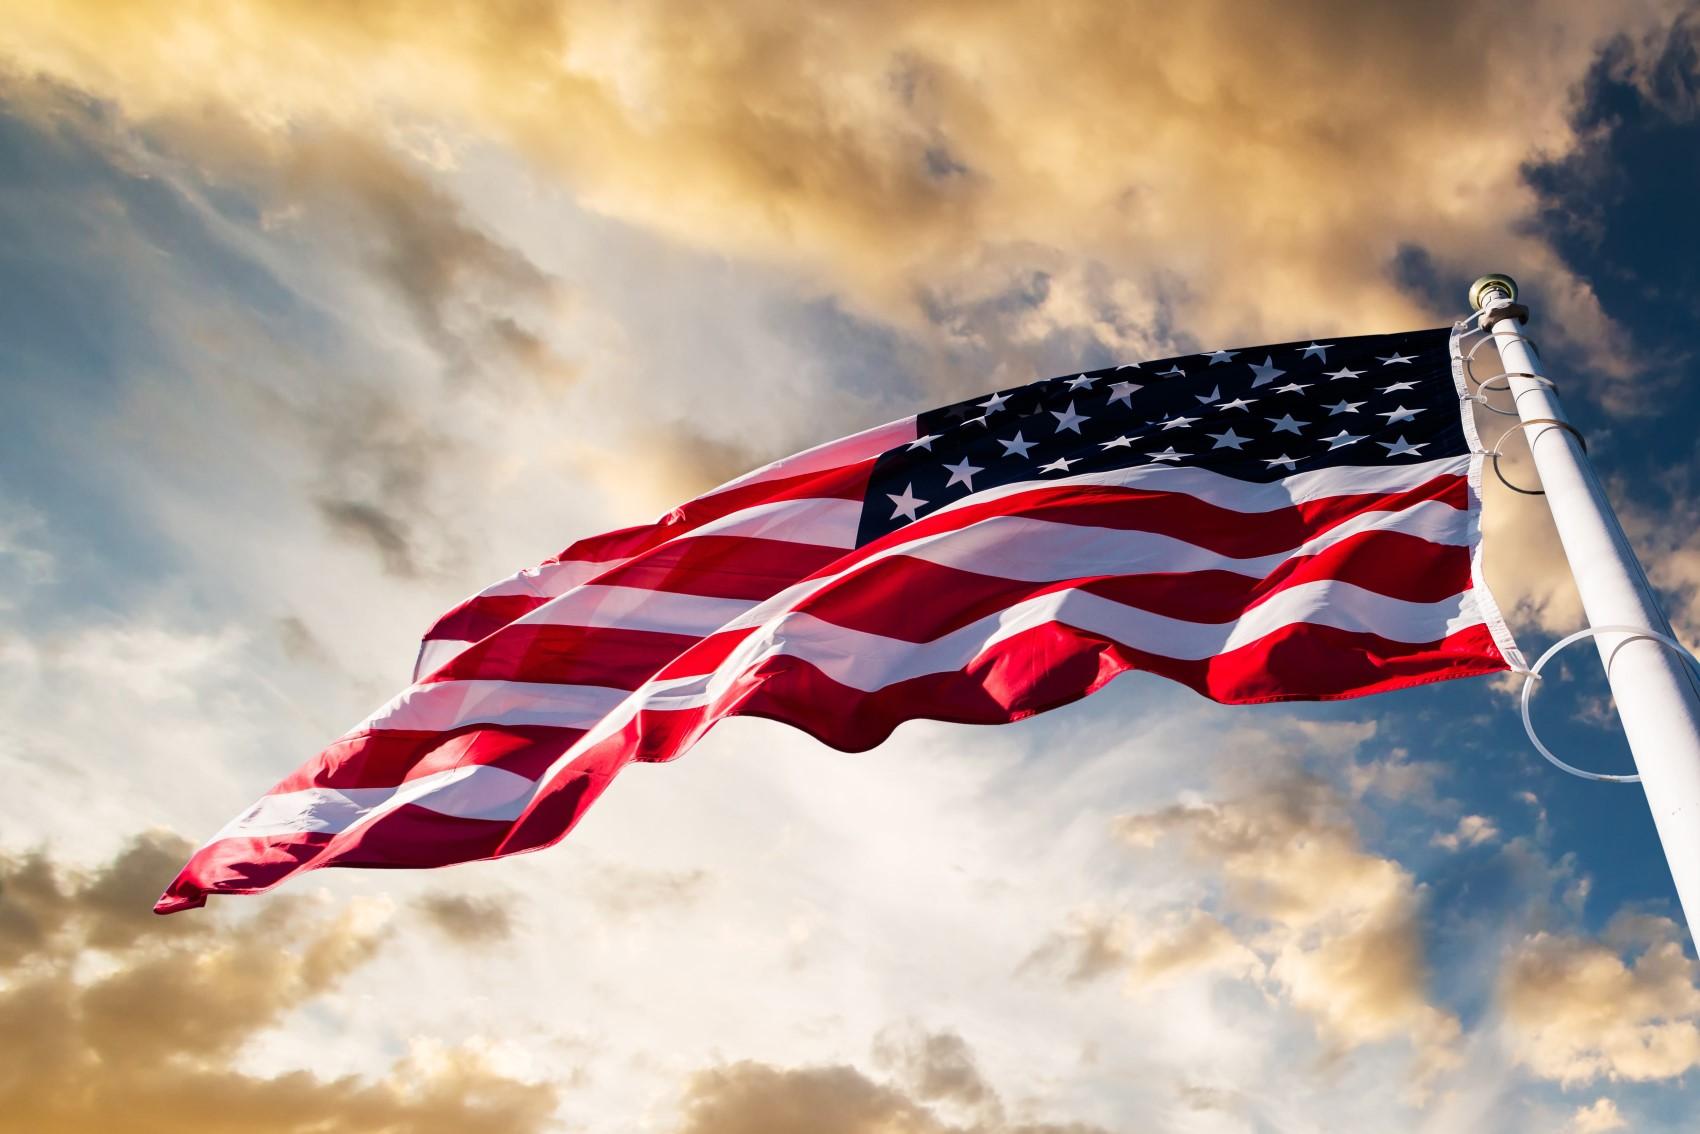 болезни последние американский флаг фотографии тебе принесет